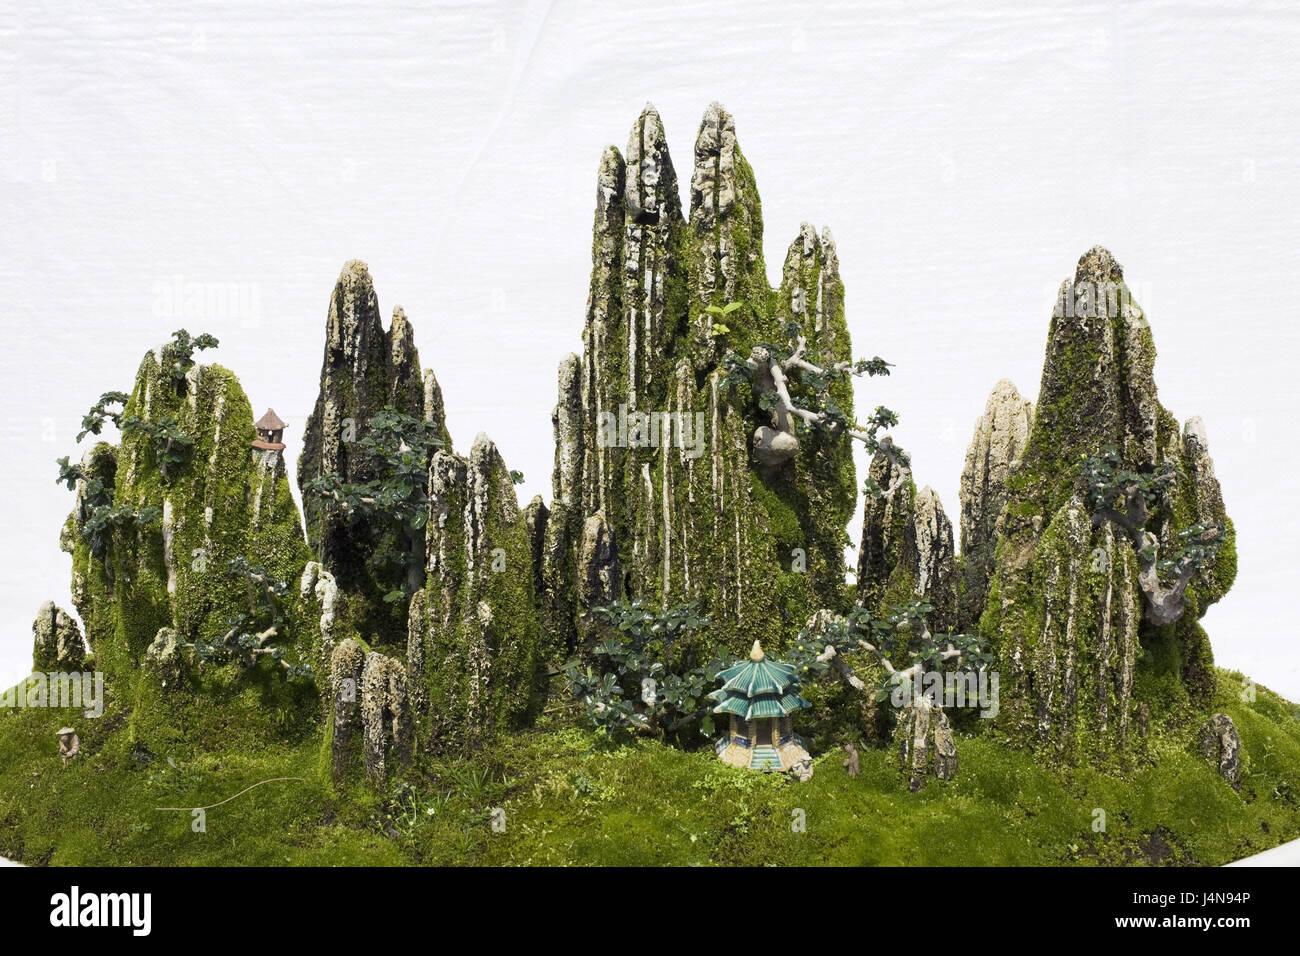 Bonsai Garden Peel Characters Dwarf S Tree Trees